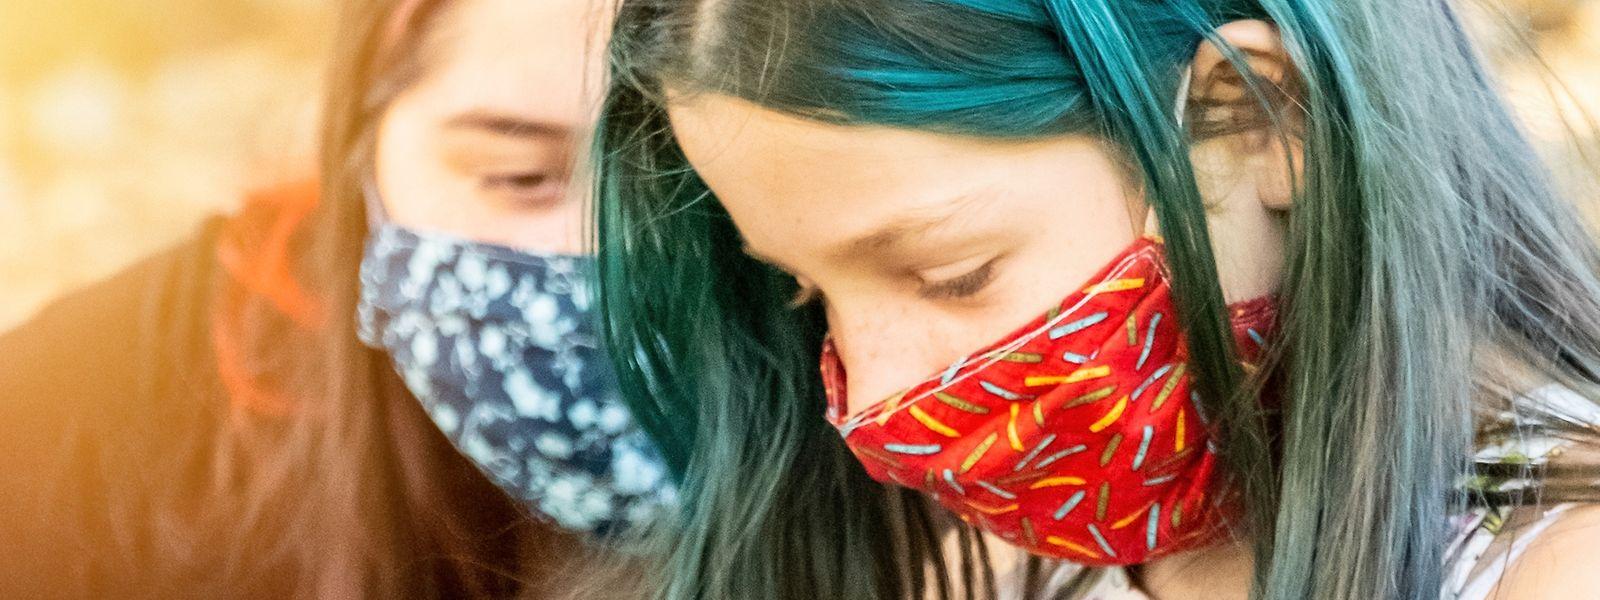 Junge Menschen sind zwar oft asymptomatisch, leiden aber dennoch an den Folgen der Pandemie.